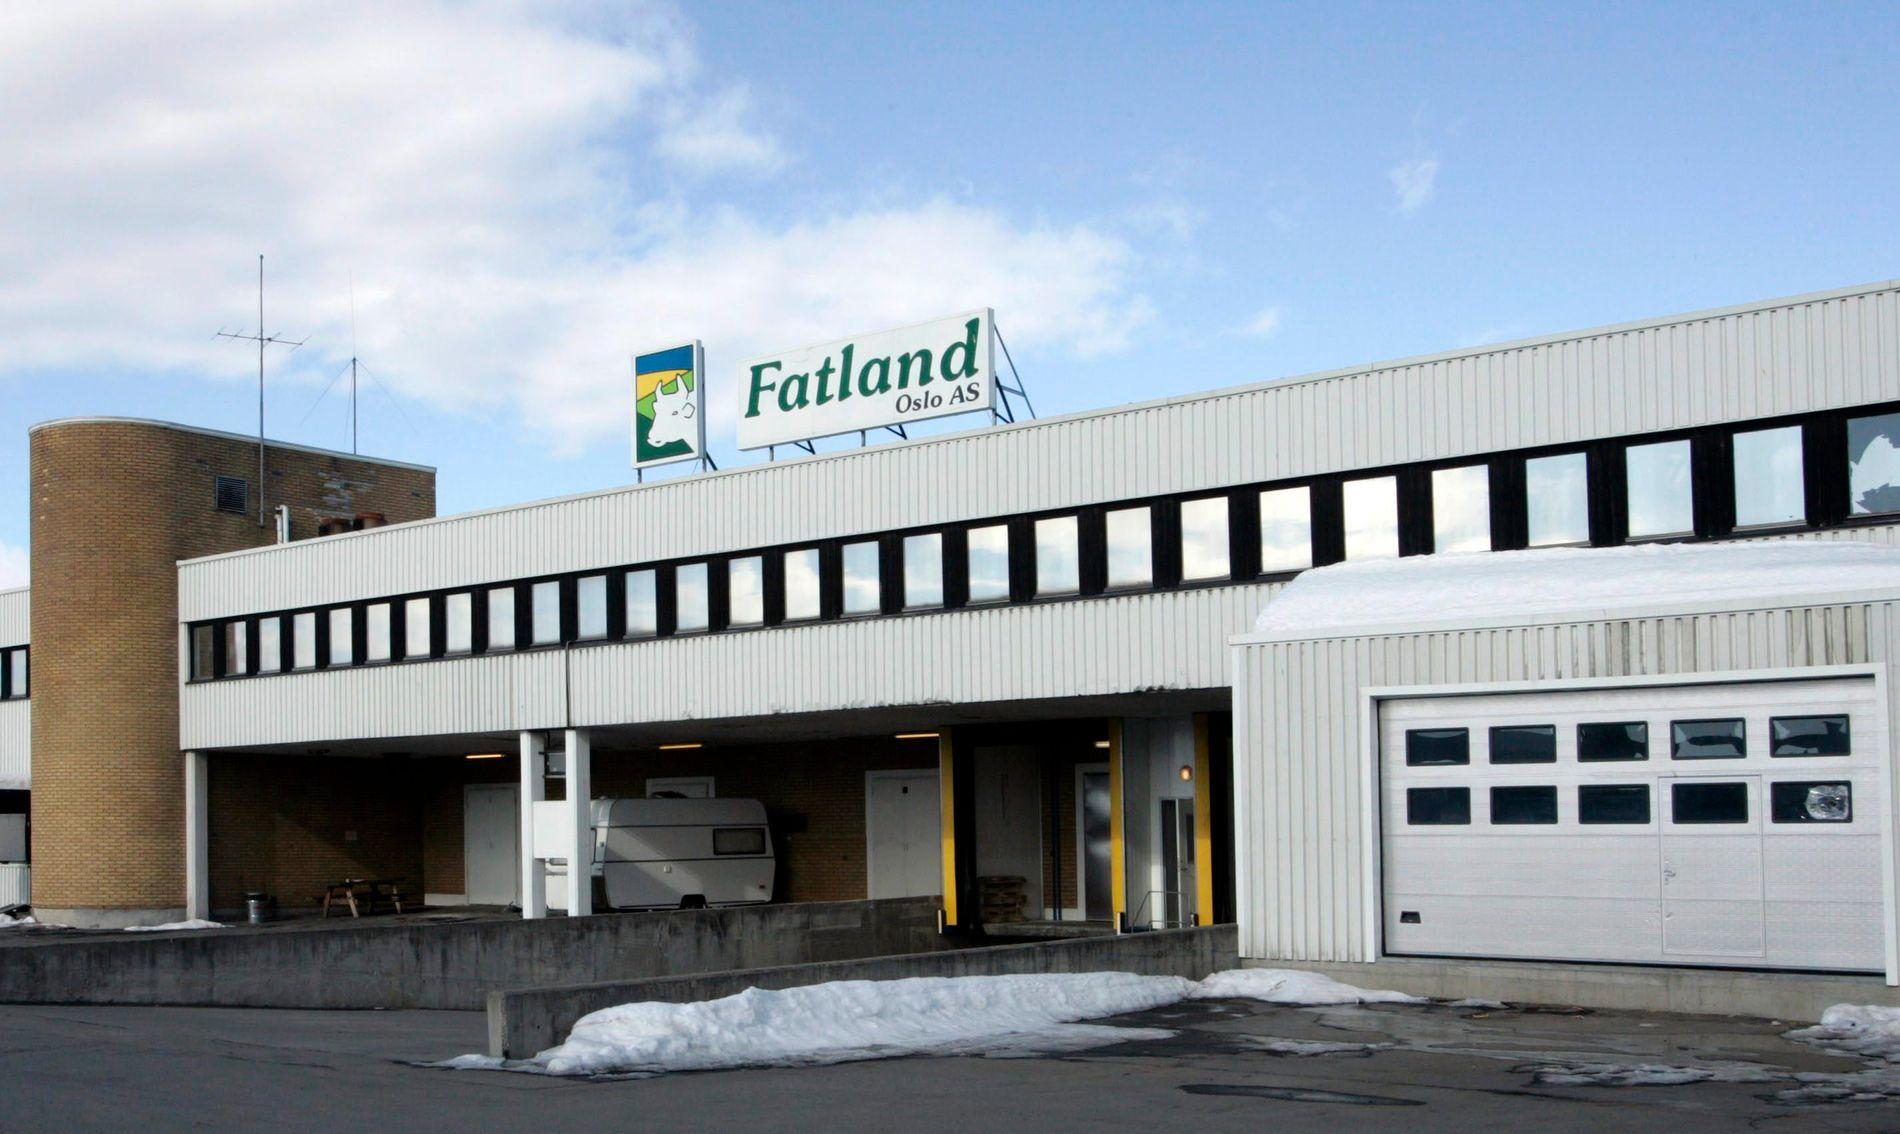 FÅR KRITIKK: Fatland slakteri i Oslo mister halvparten av frakttilskuddet for april etter at Mattilsynet observerte at griser led unødig under avliving.